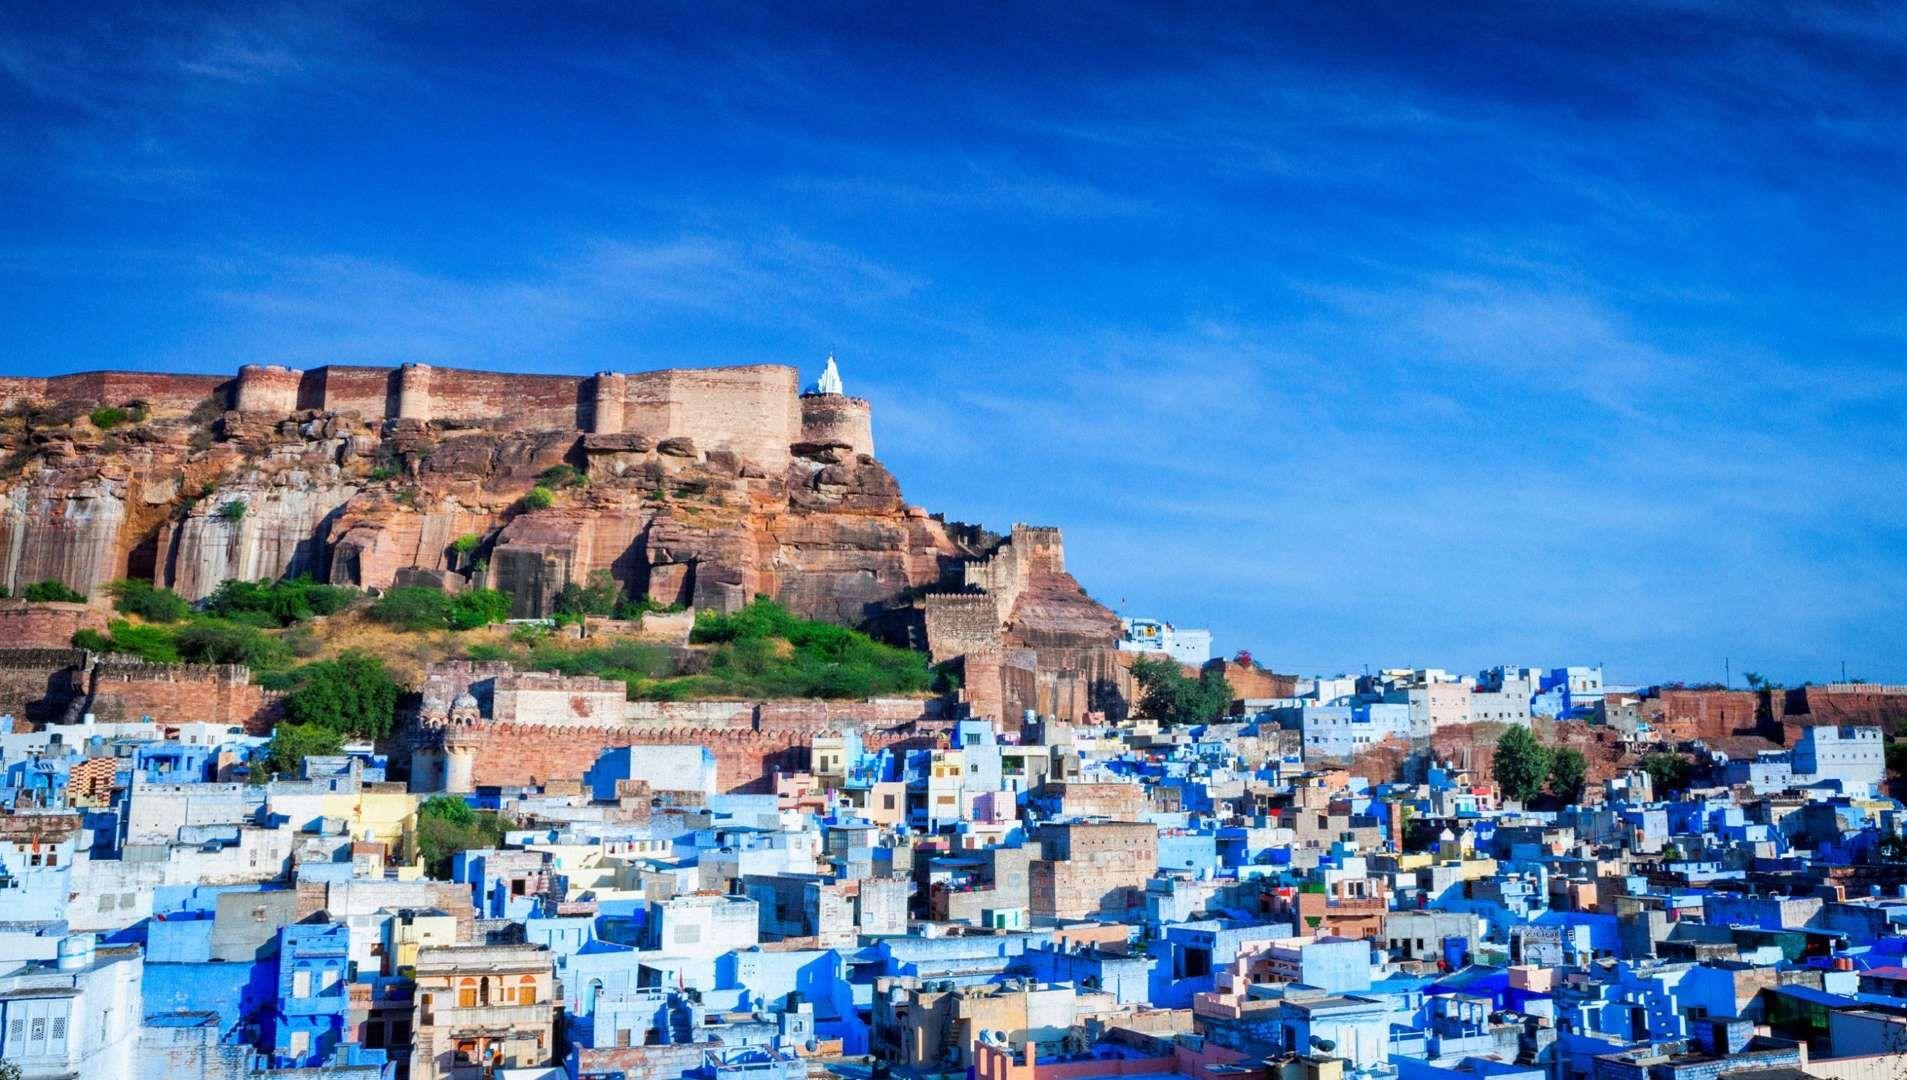 Jodhpur,Rajasthan - índia